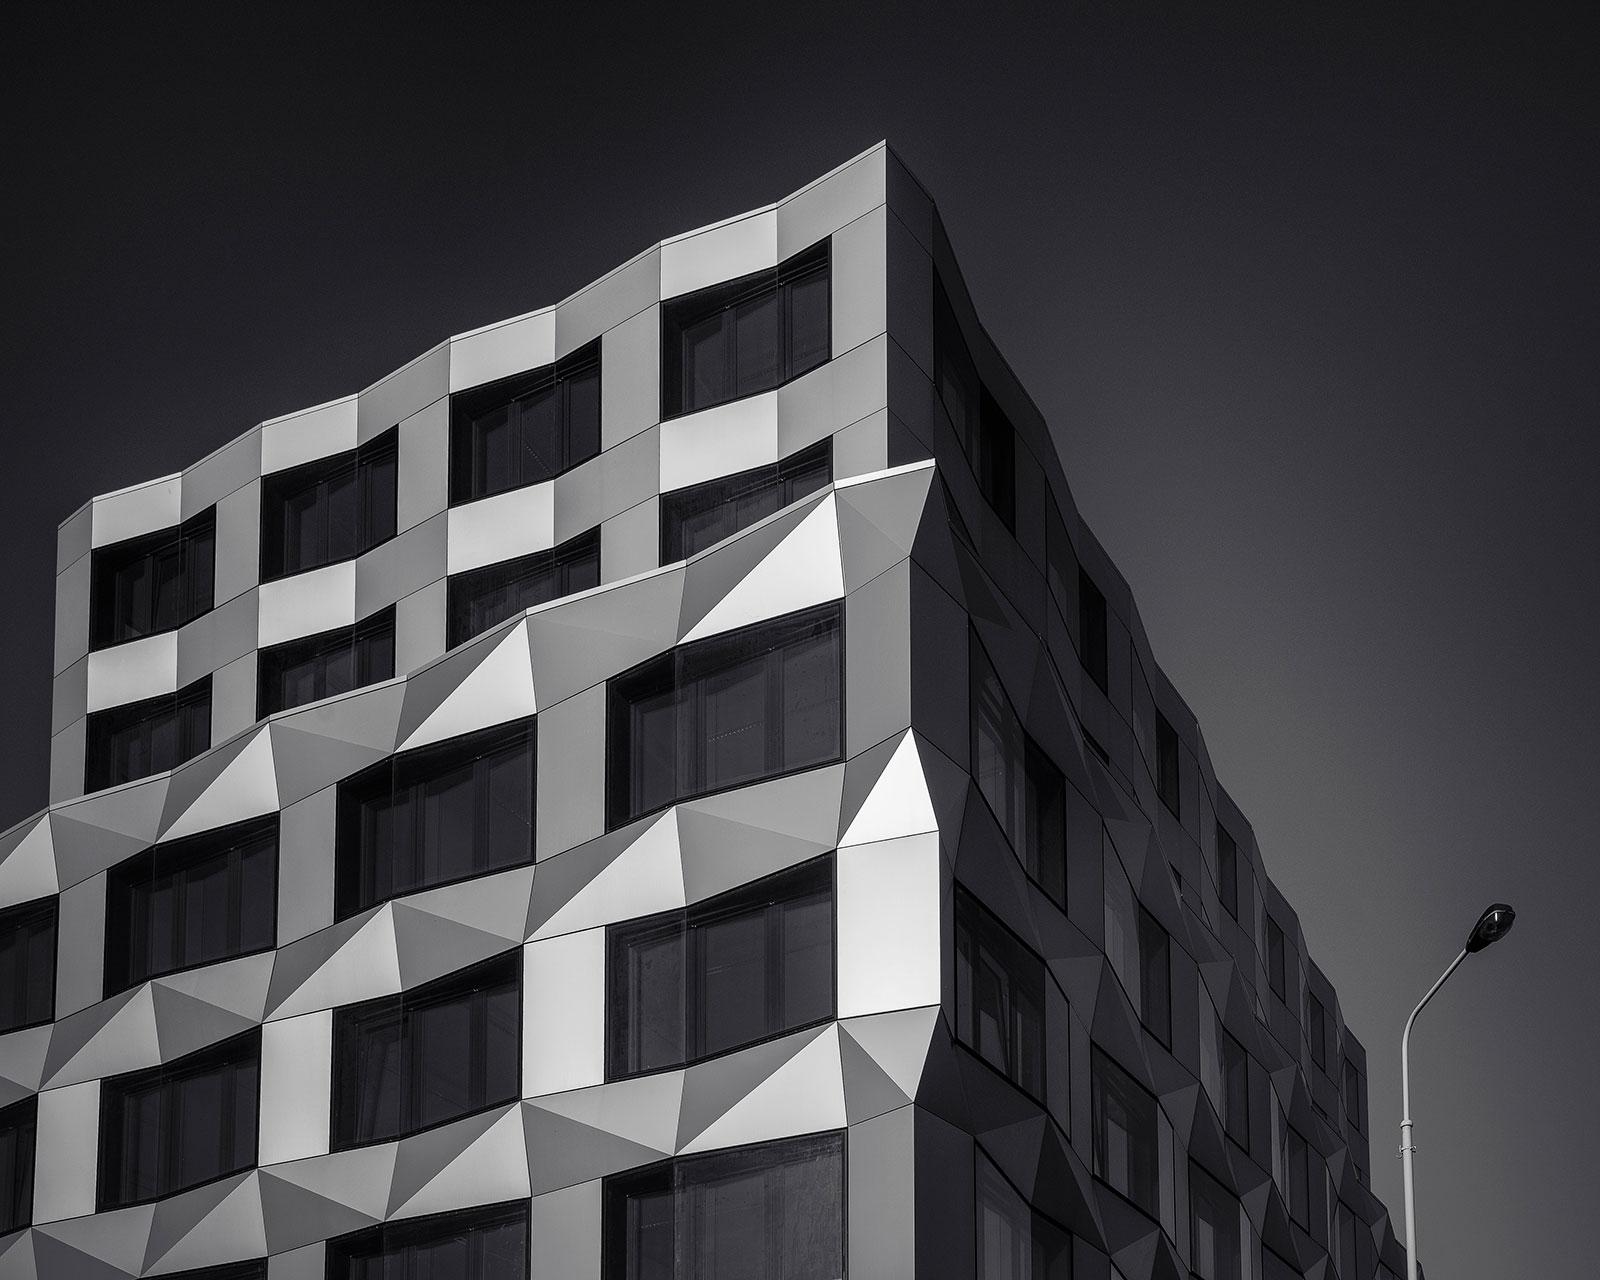 Dark & Architecture